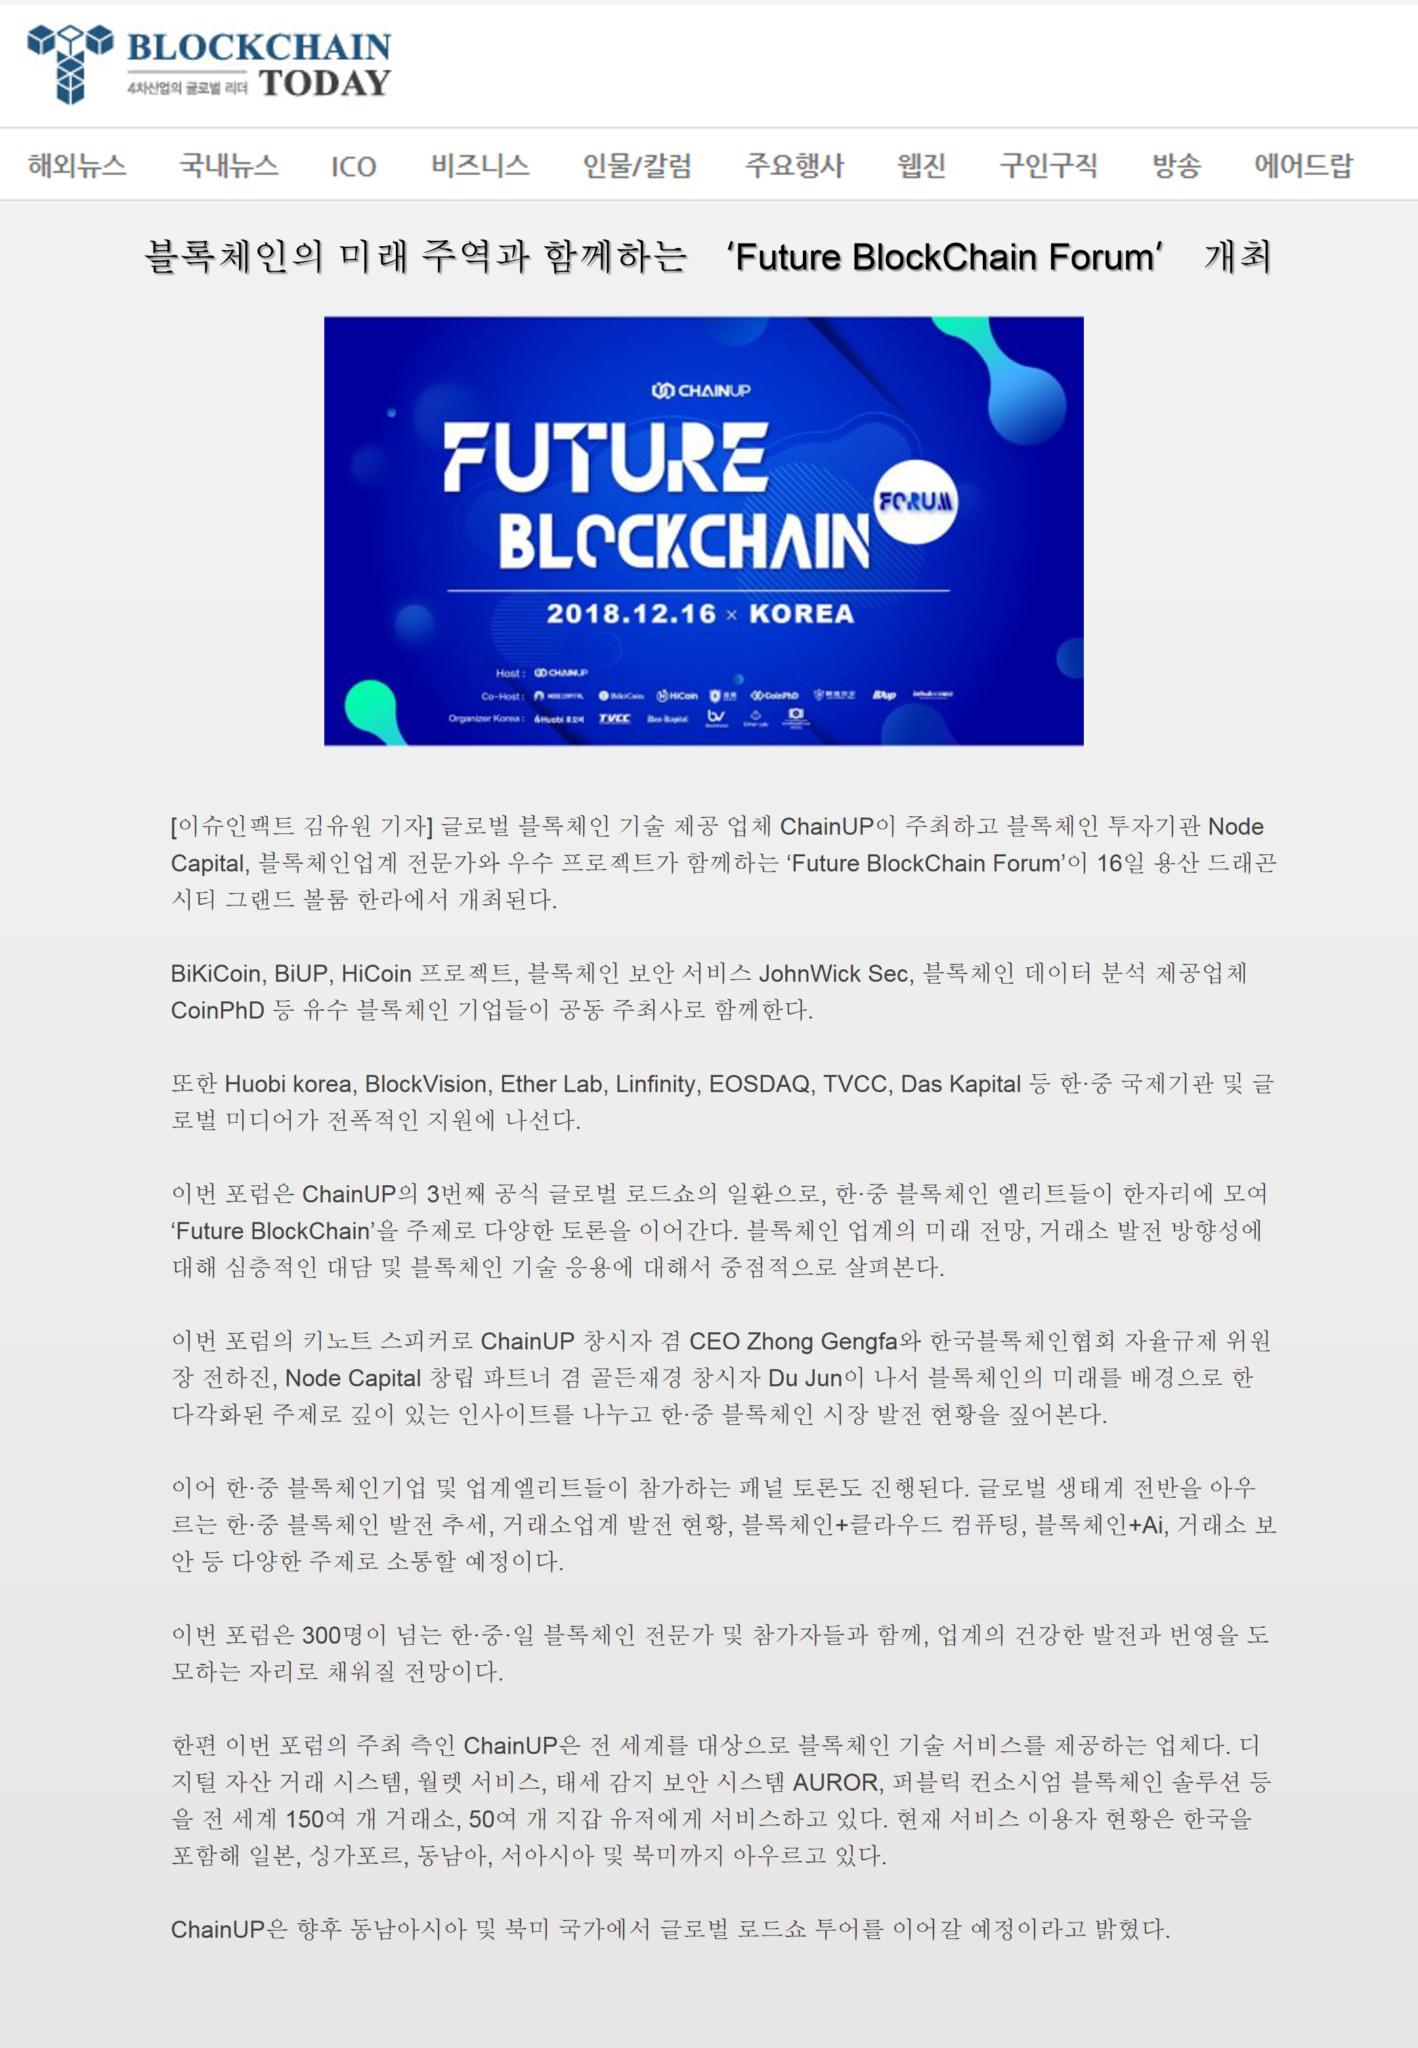 , 블록체인의 미래 주역과 함께하는 'Future BlockChain Forum' 개최, Blockchain Adviser for Inter-Governmental Organisation | Book Author | Investor | Board Member